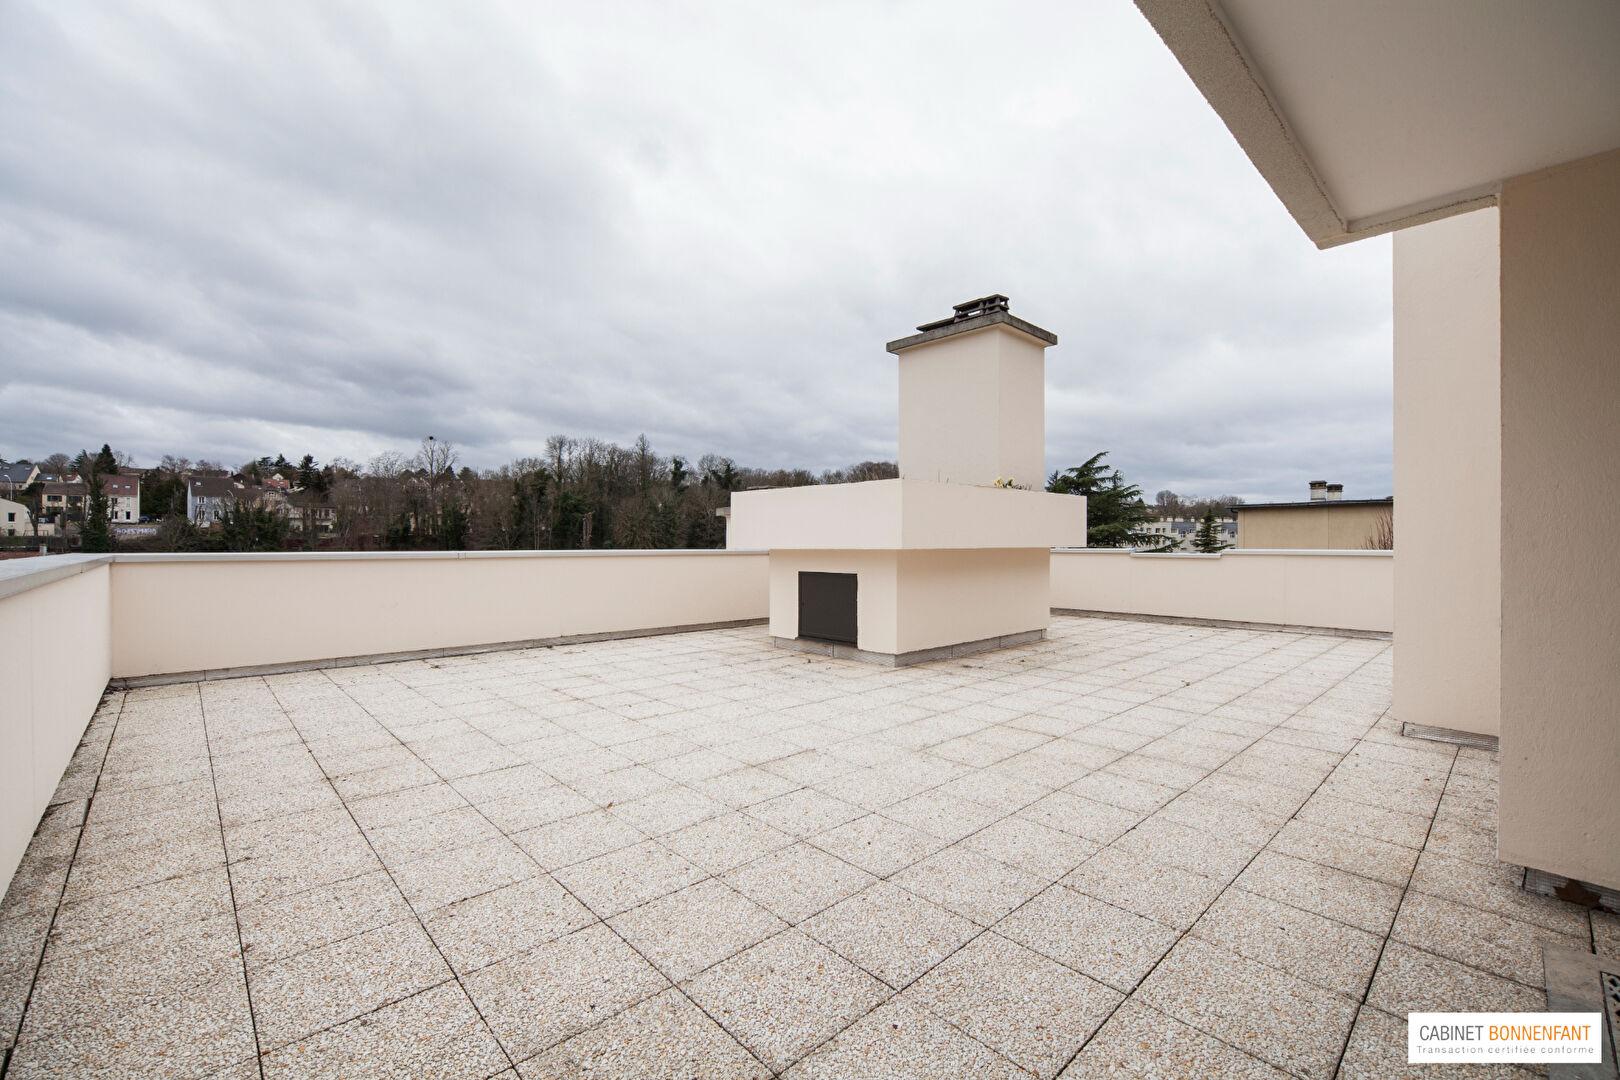 Appartement Saint Germain En Laye 4 pièces 91.92 m2